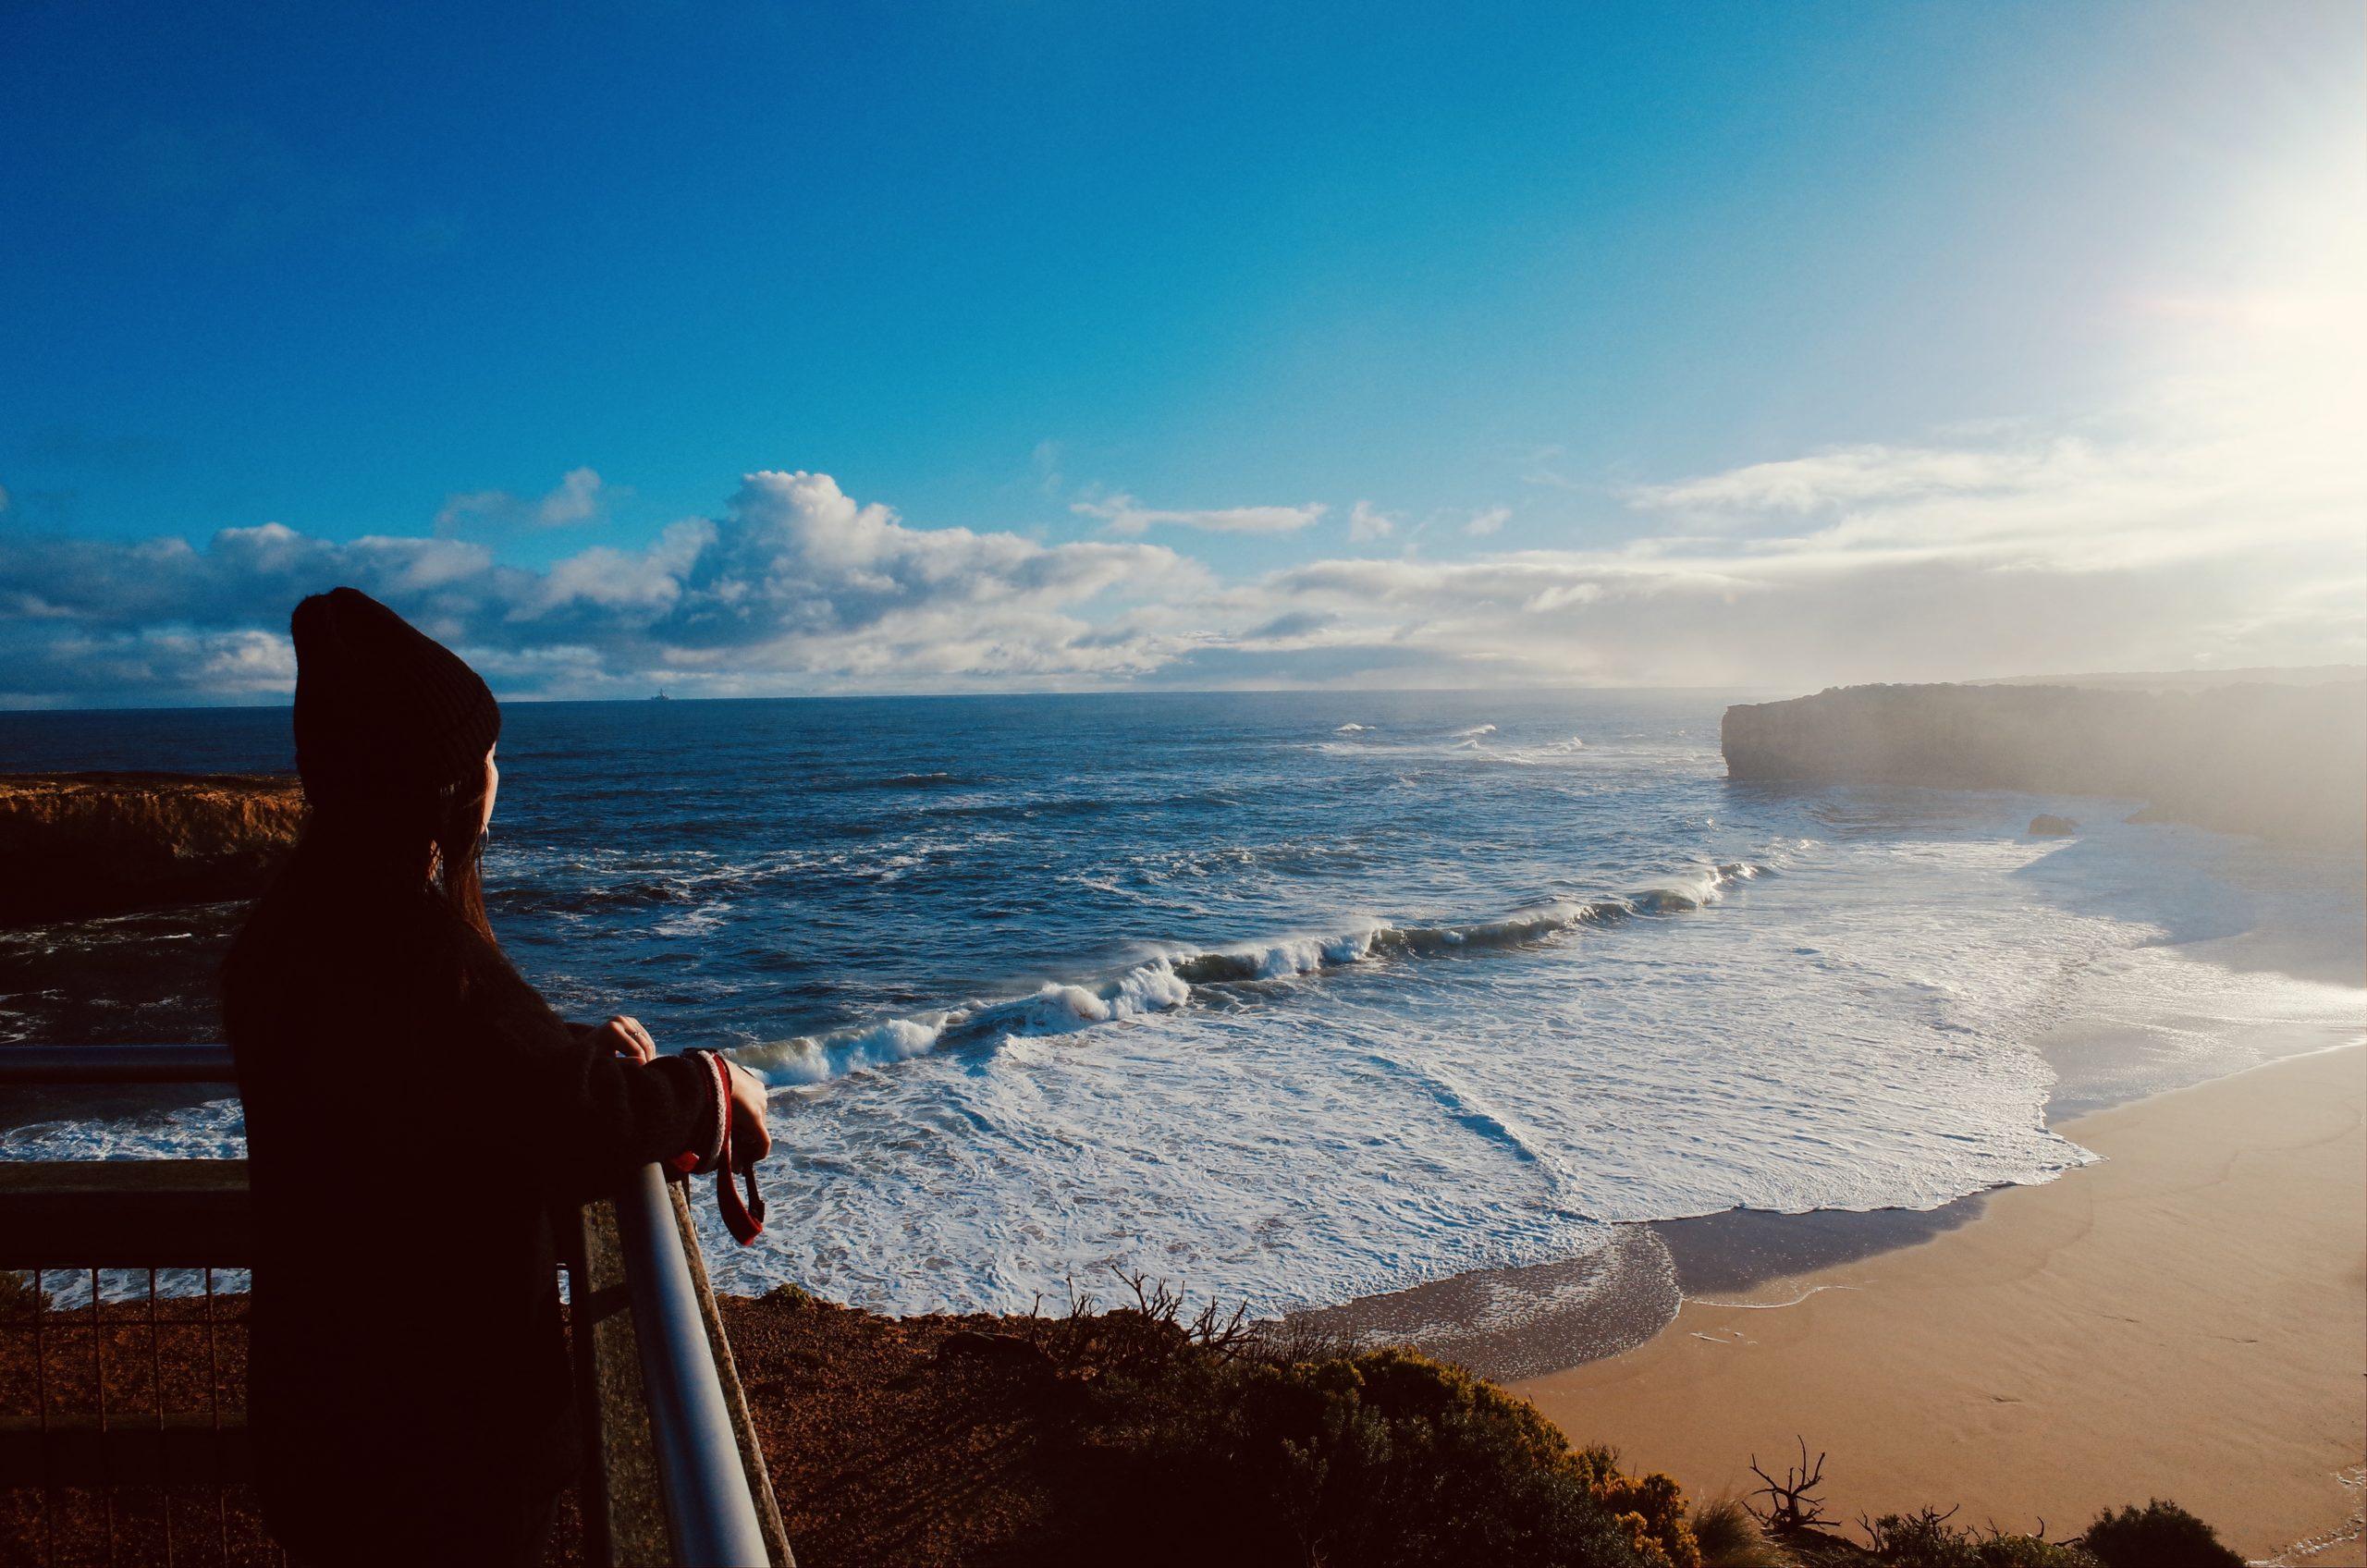 澳洲墨爾本|9日市區/無敵海景大洋路/菲利普半島自由行行程